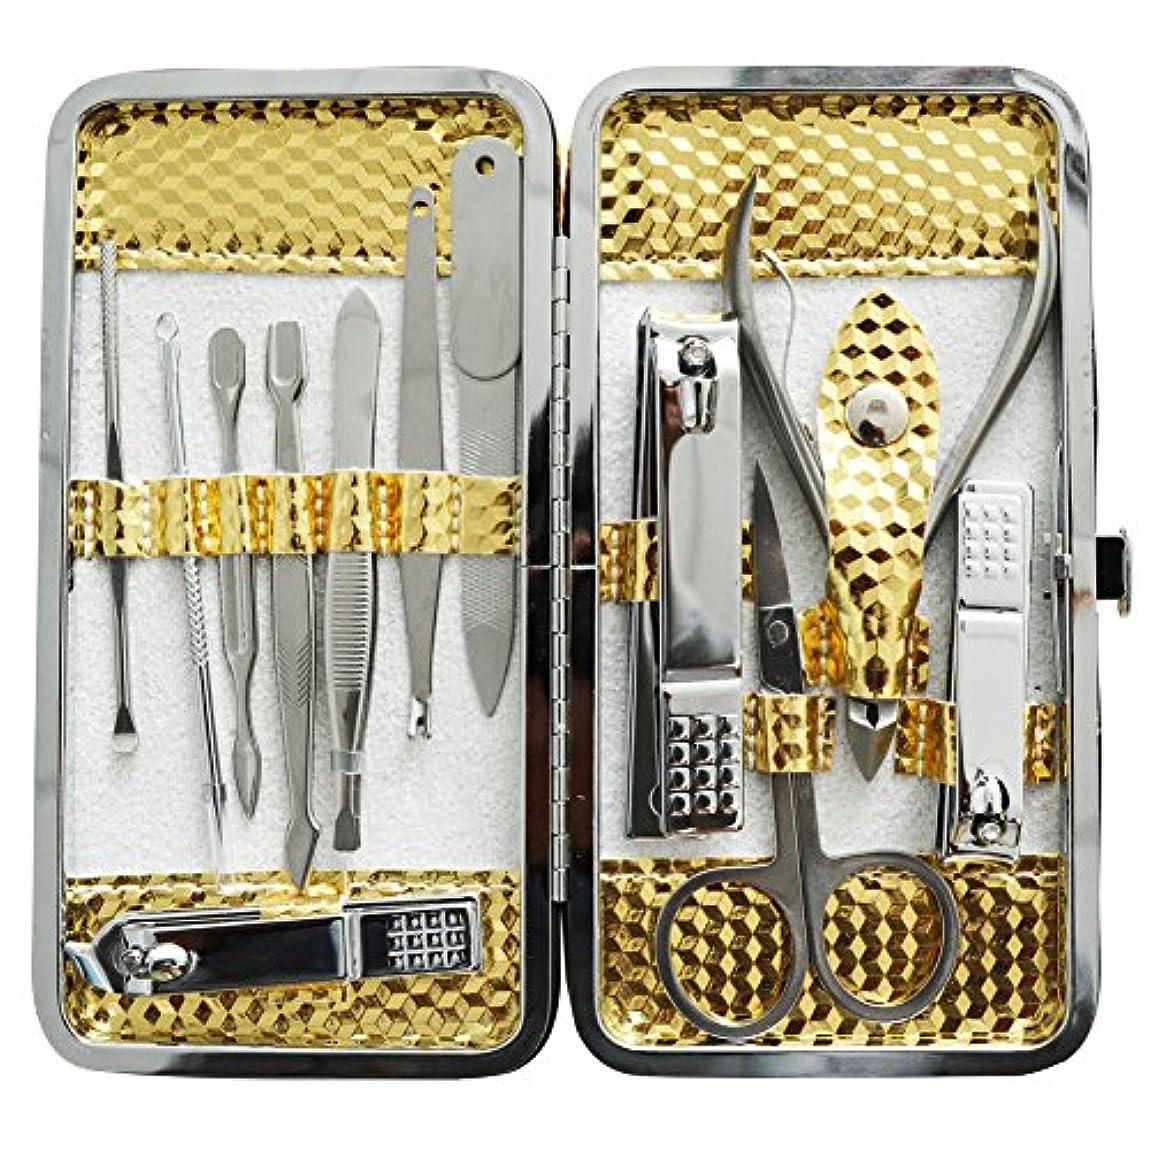 フォーマルバラ色自我爪切りセット 耳掃除機 12枚はさみ、キューティクルをトリマー、耳かき、ナイフ